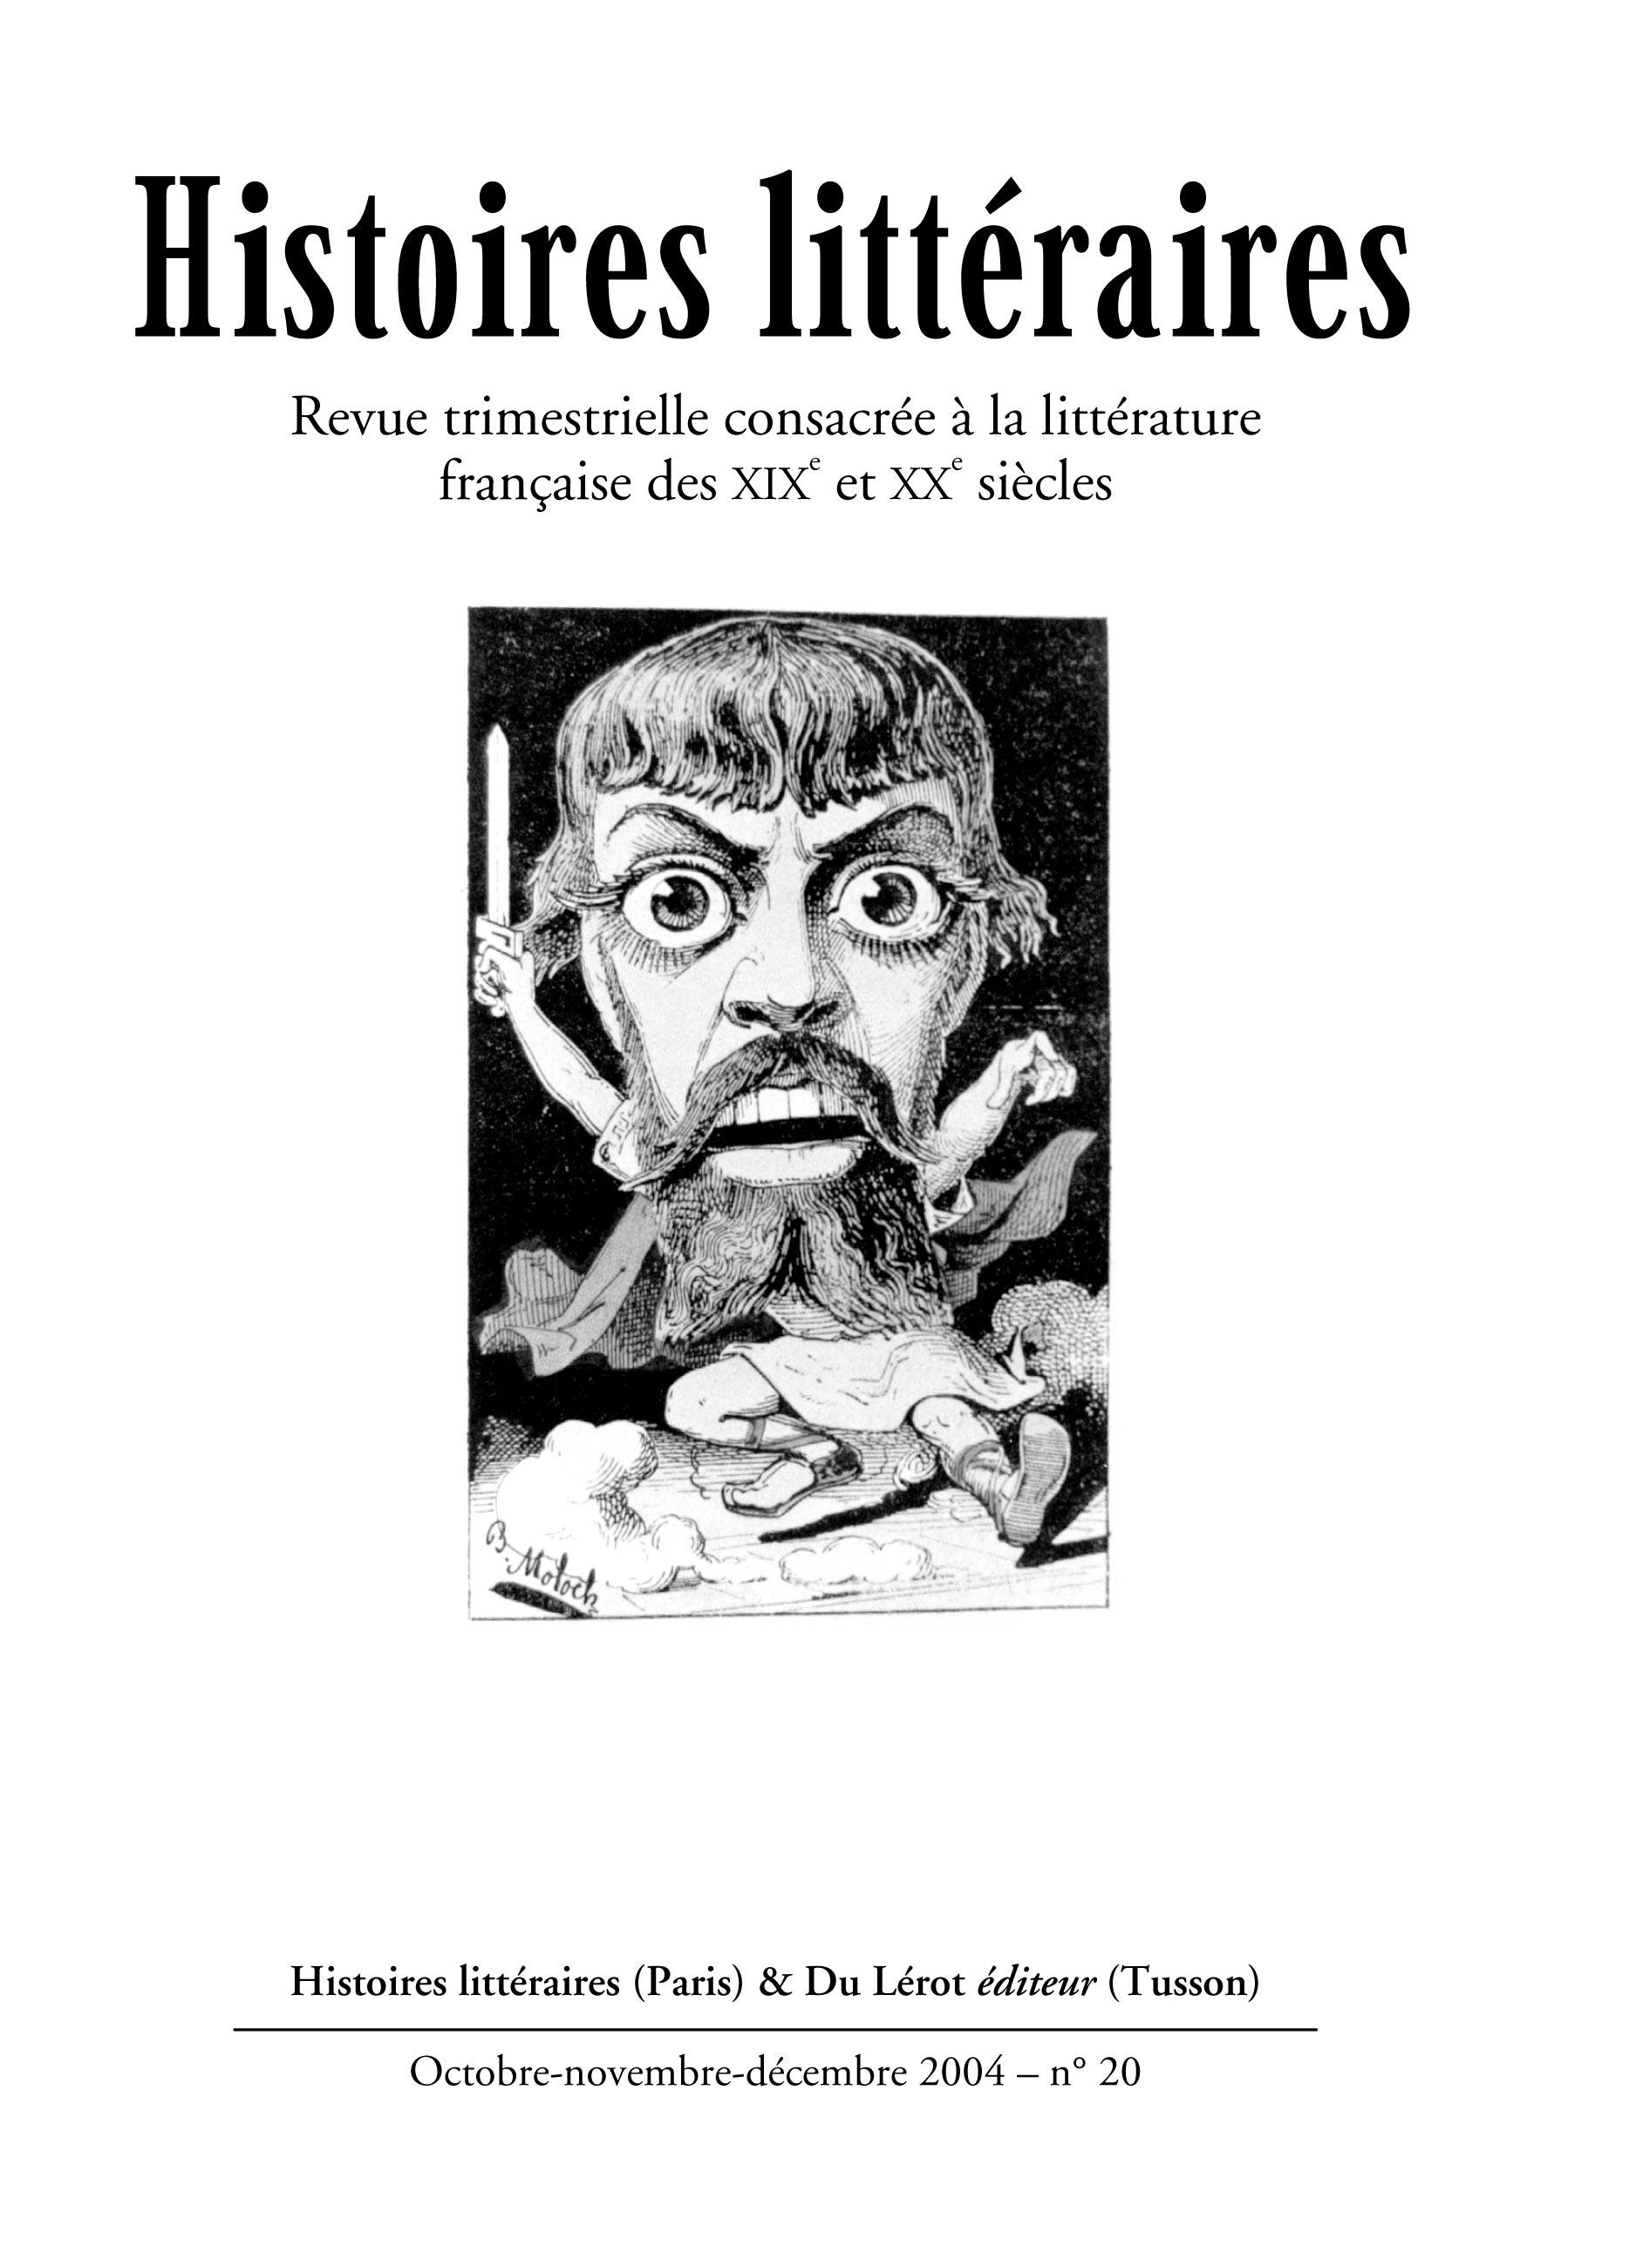 Couverture d'Histoires littéraires n°20